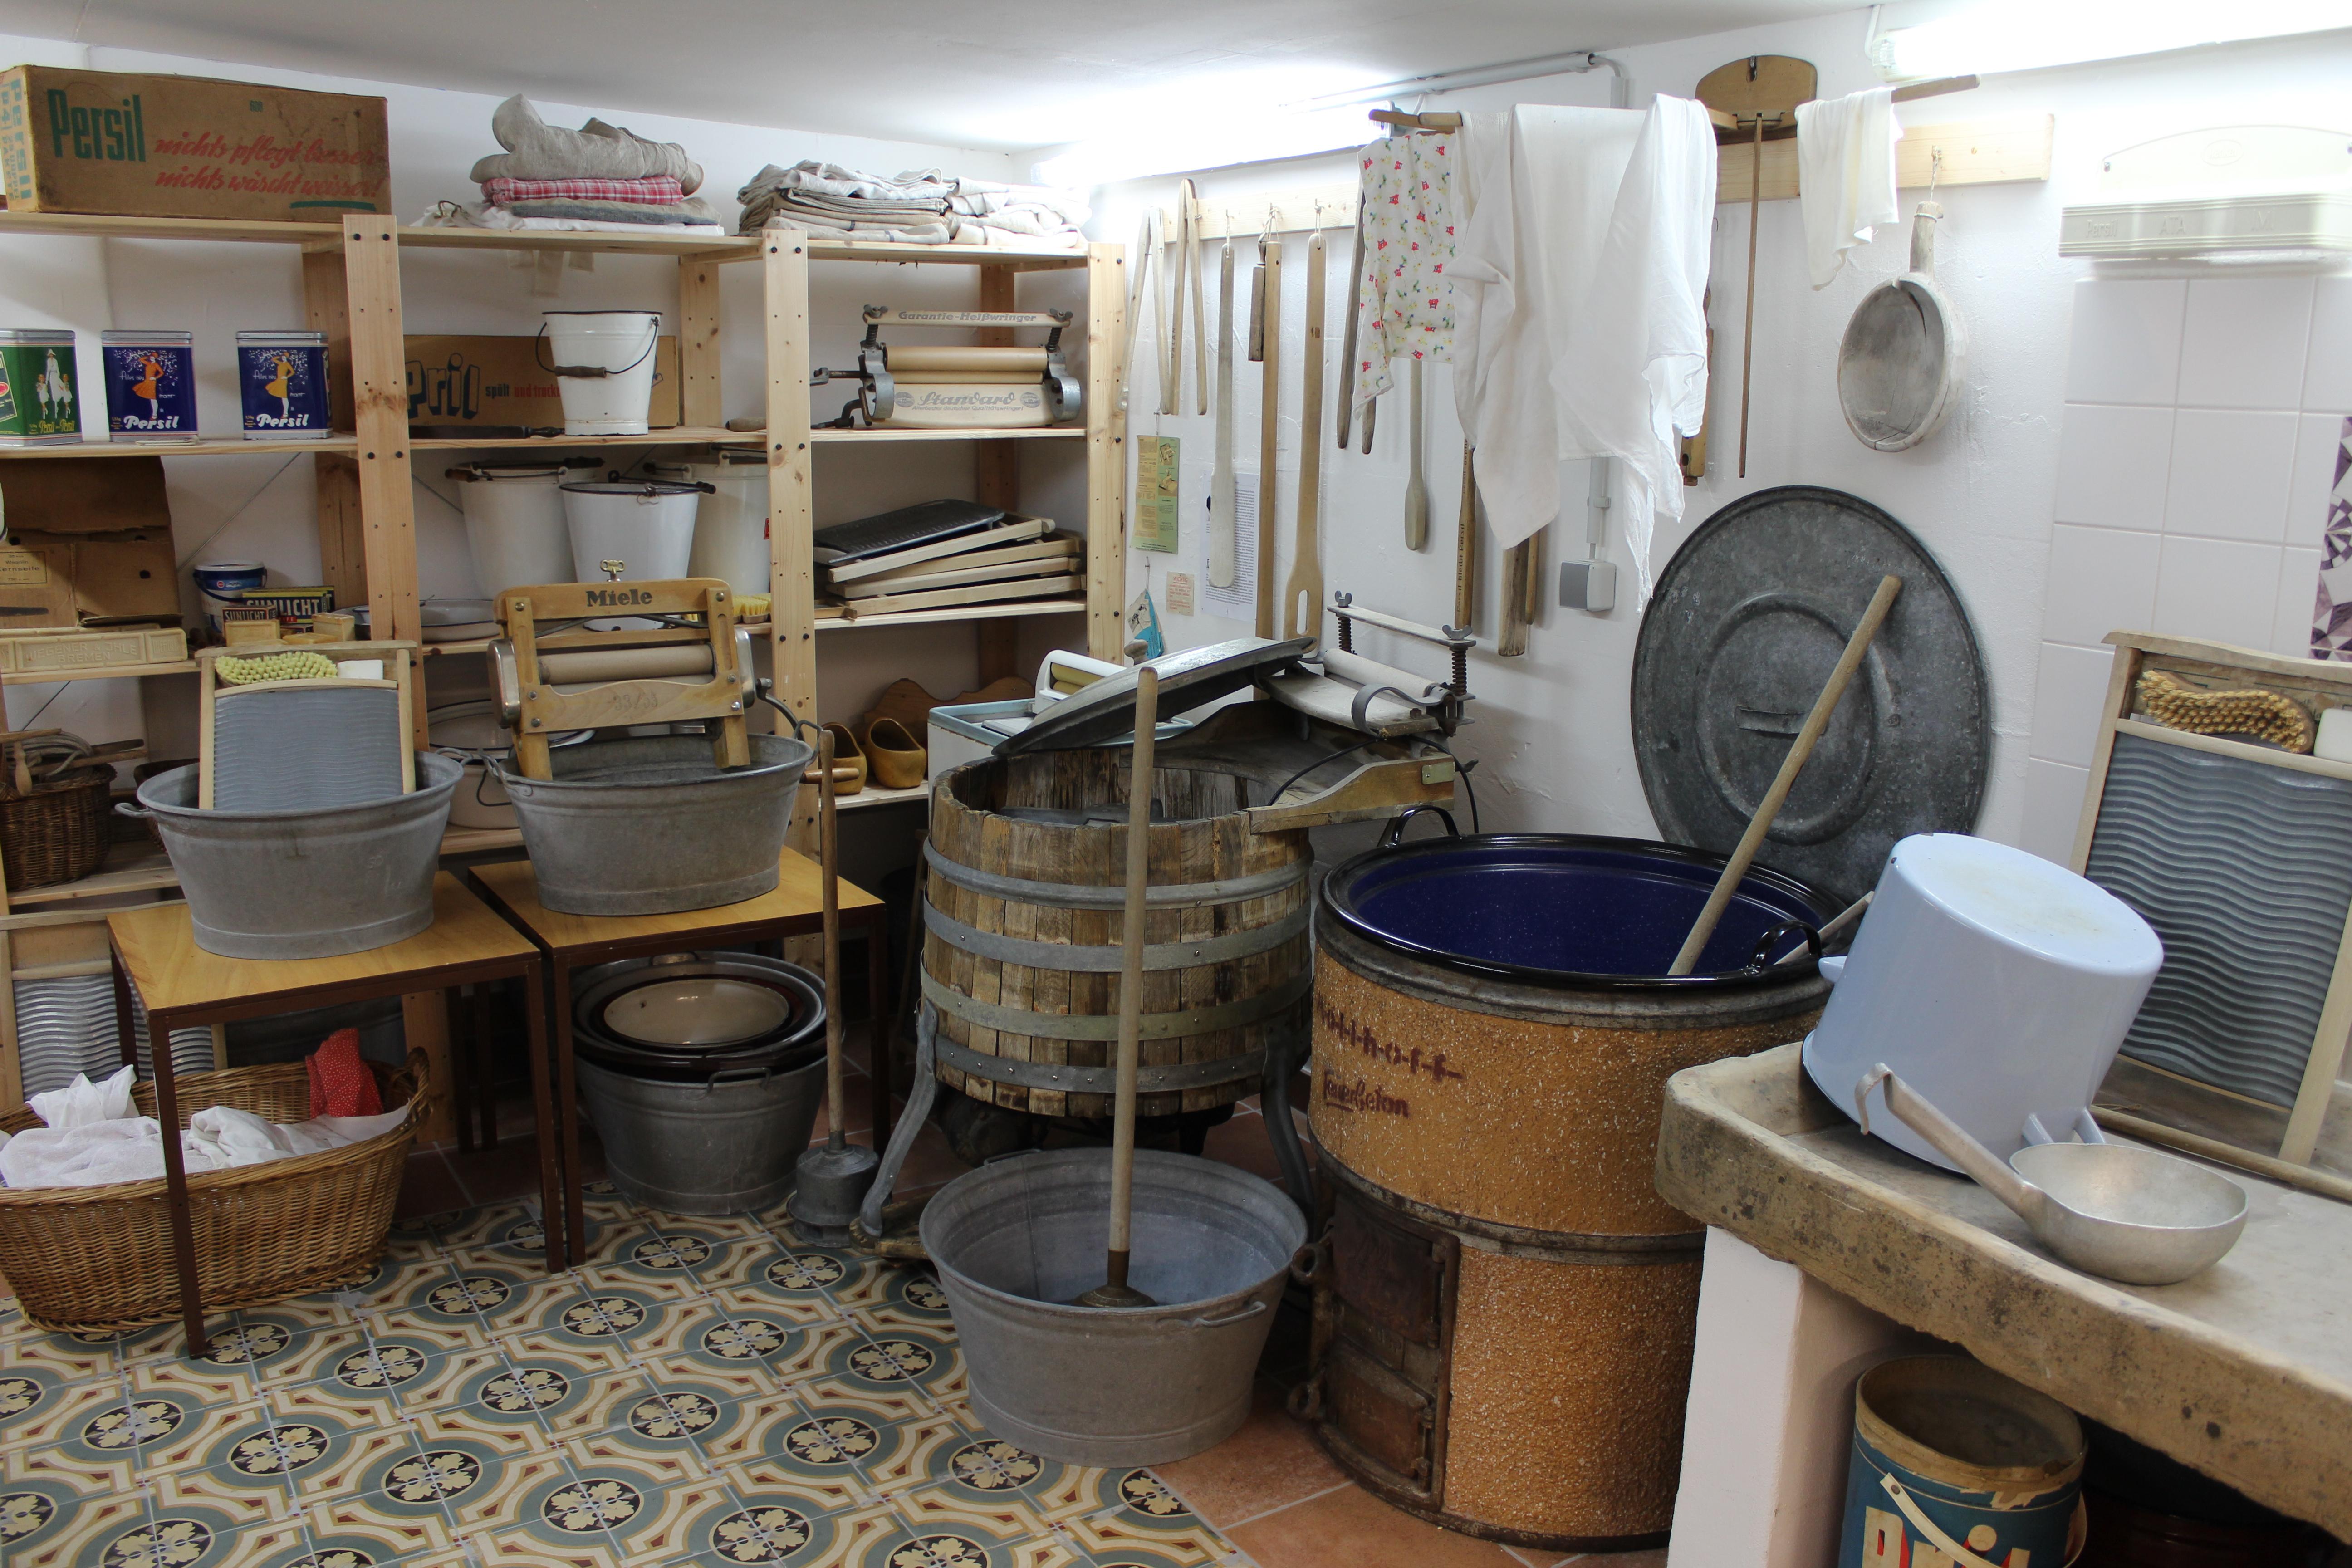 Waschküche der waschküche zur waschmaschine ansehen dat lüttje museum